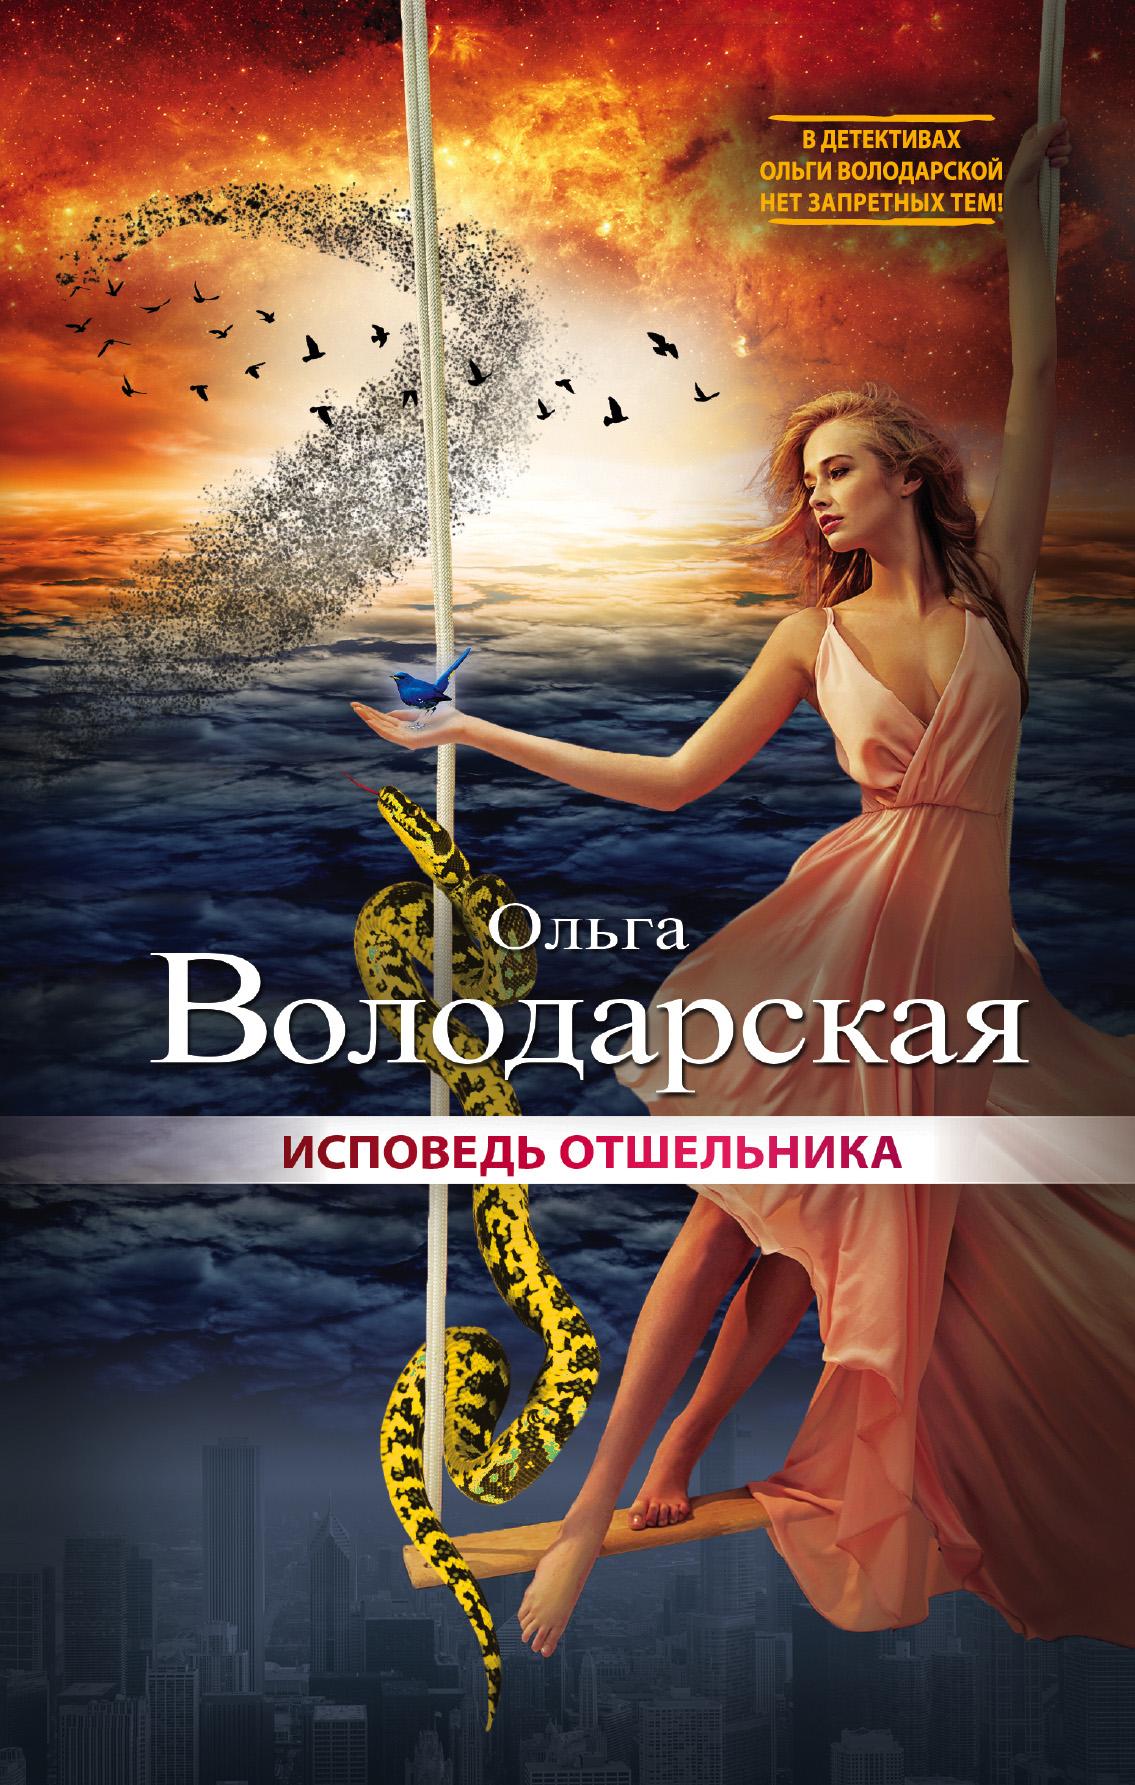 Исповедь отшельника, Володарская Ольга Геннадьевна